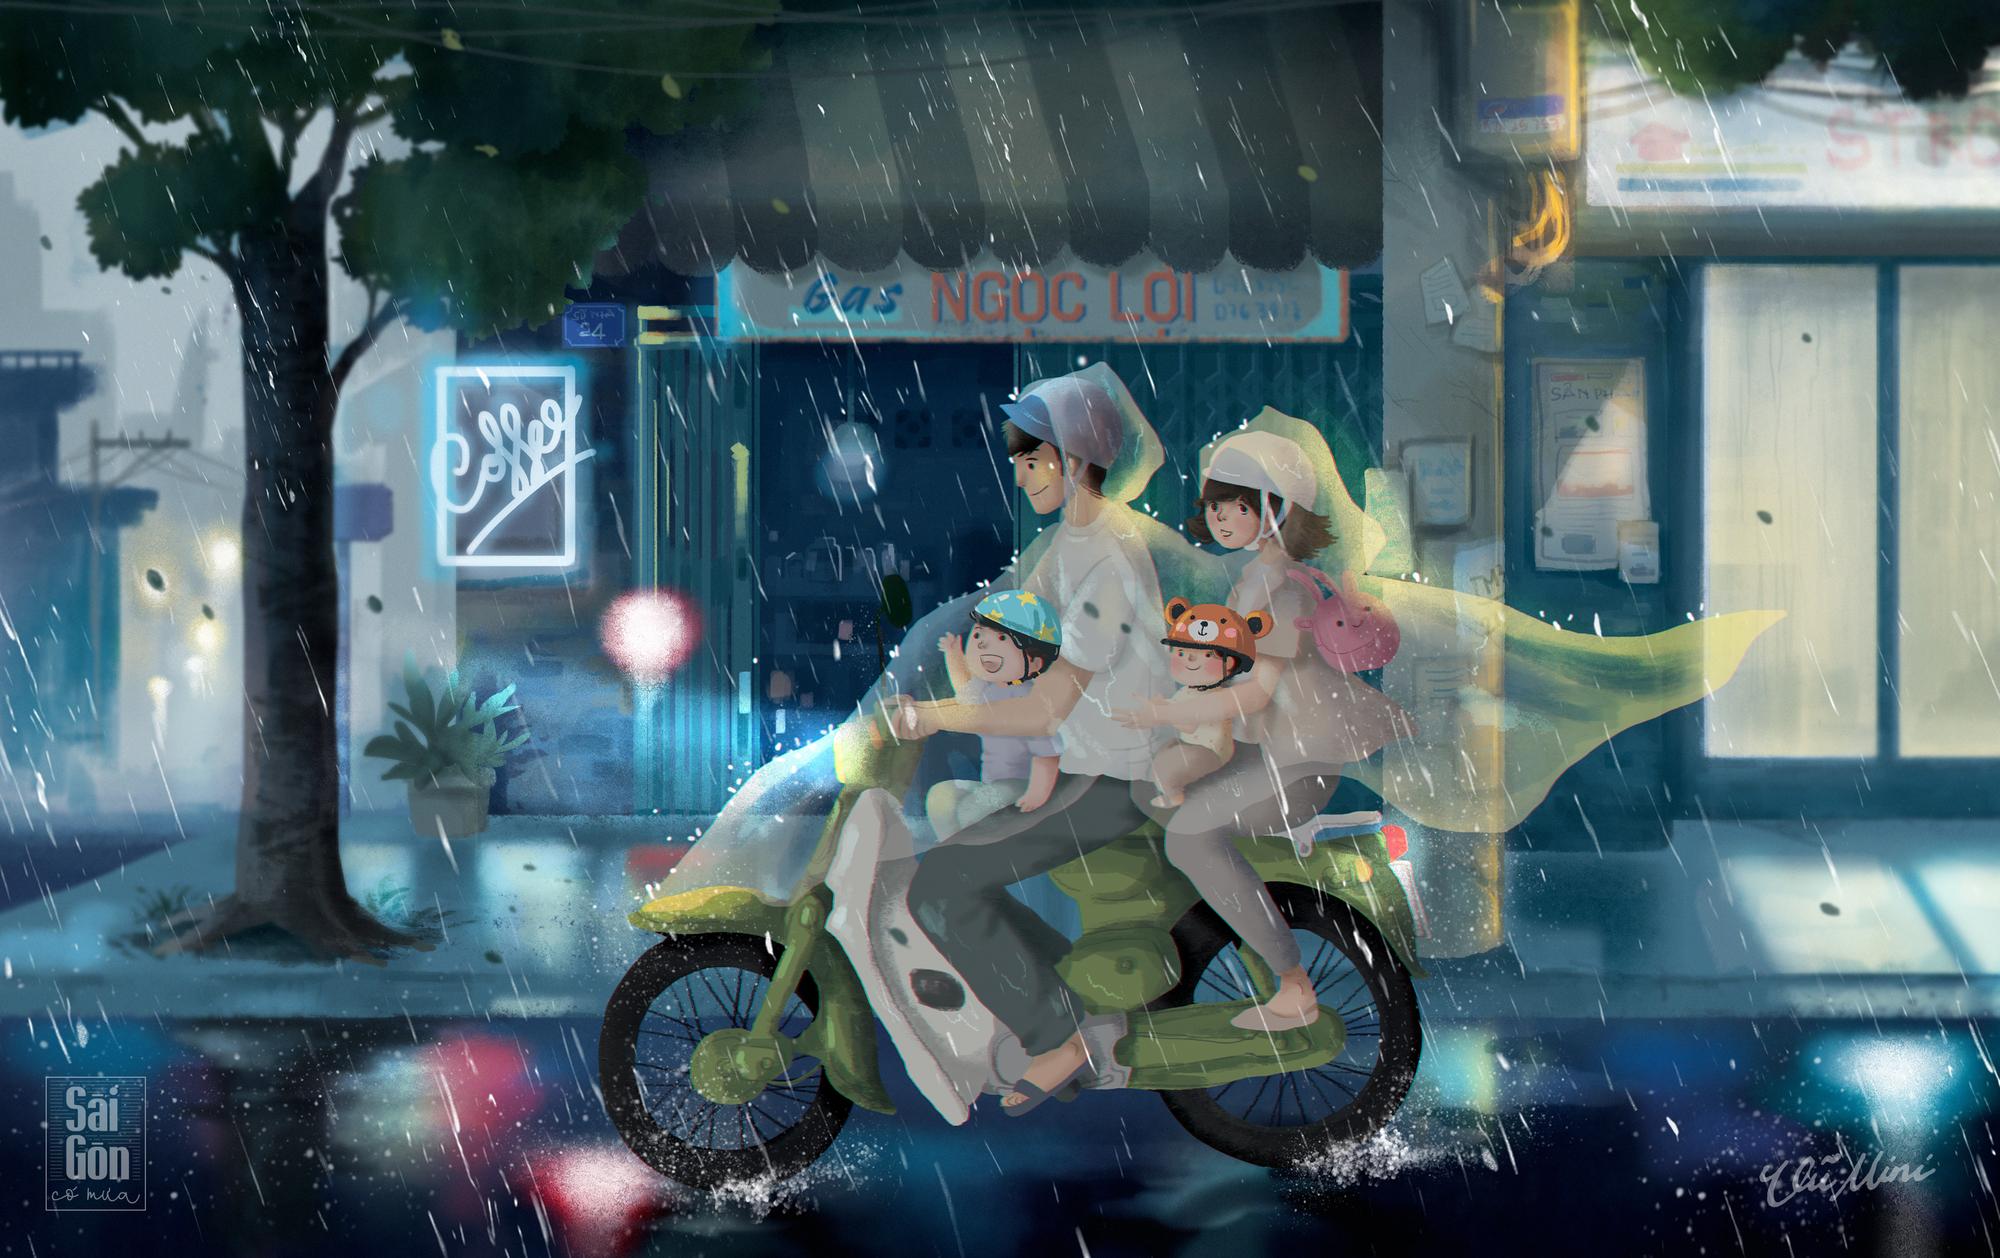 Sài Gòn có mưa: Dự án siêu dễ thương khiến bạn sẽ yêu hơn những